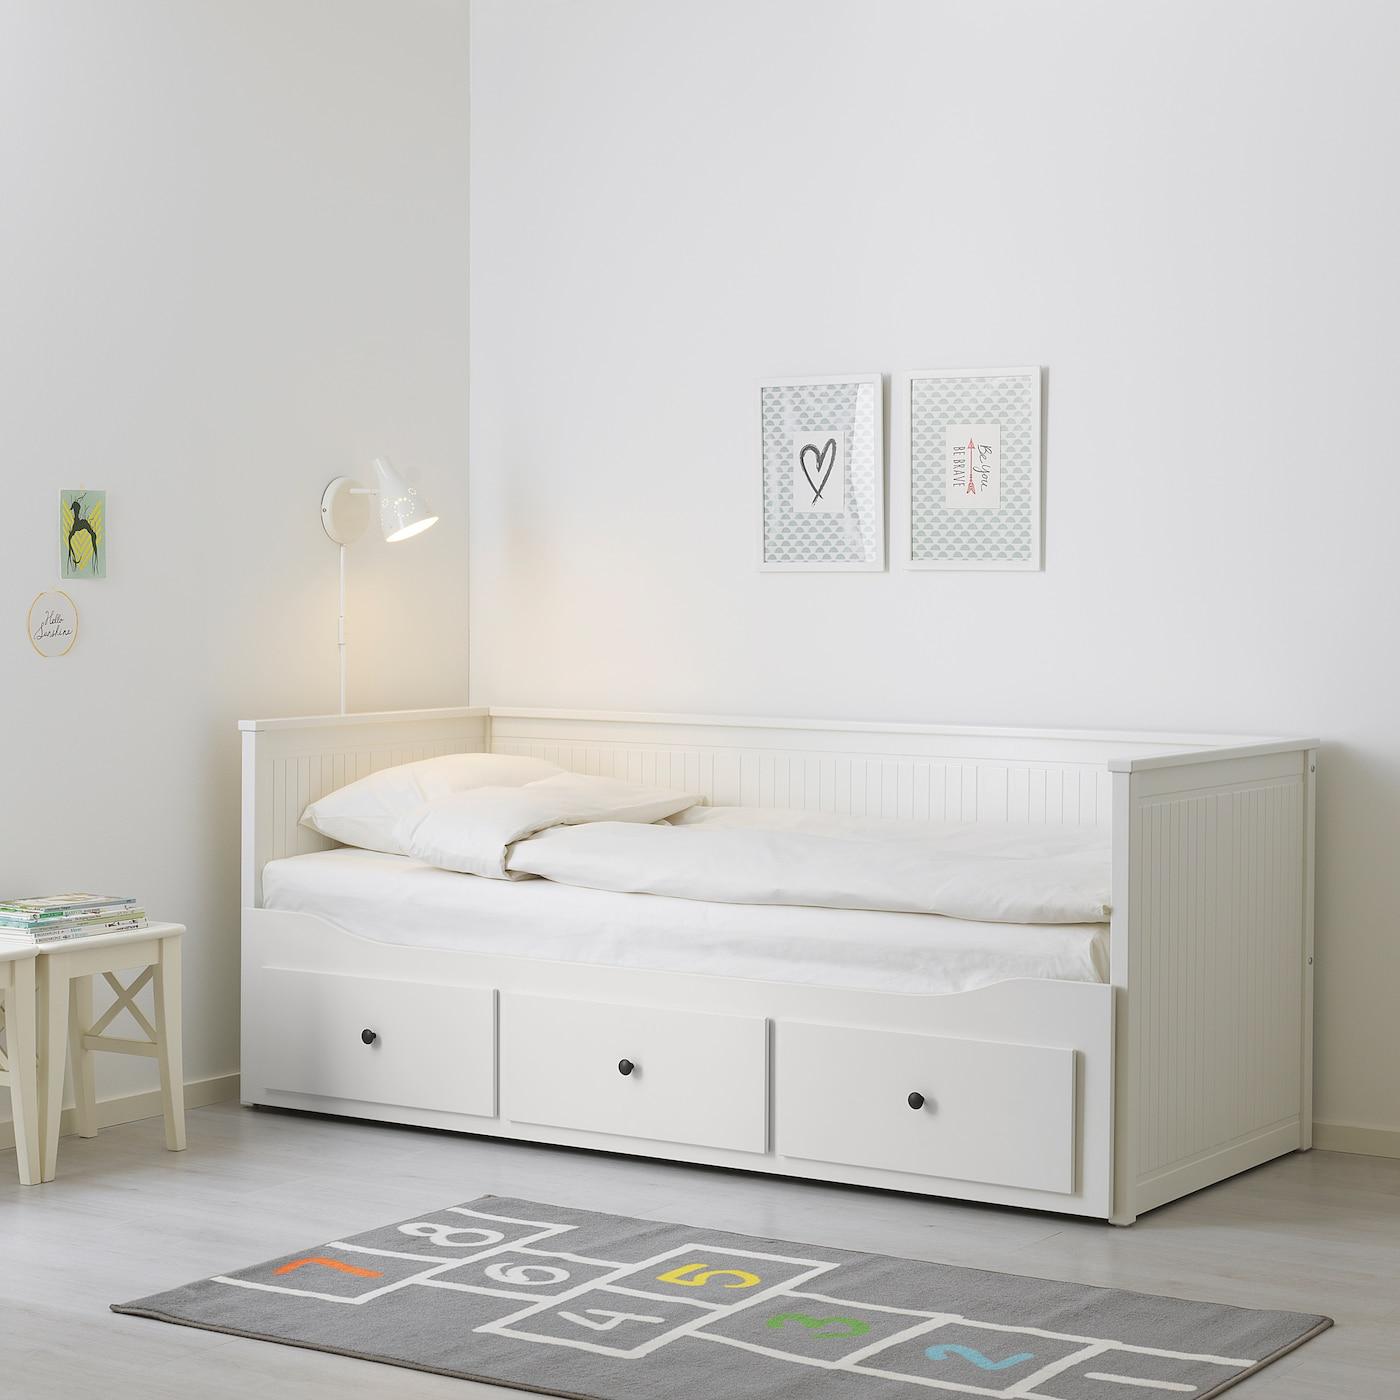 Hemnes Tagesbettgestell 3 Schubladen Weiss Ikea Schweiz